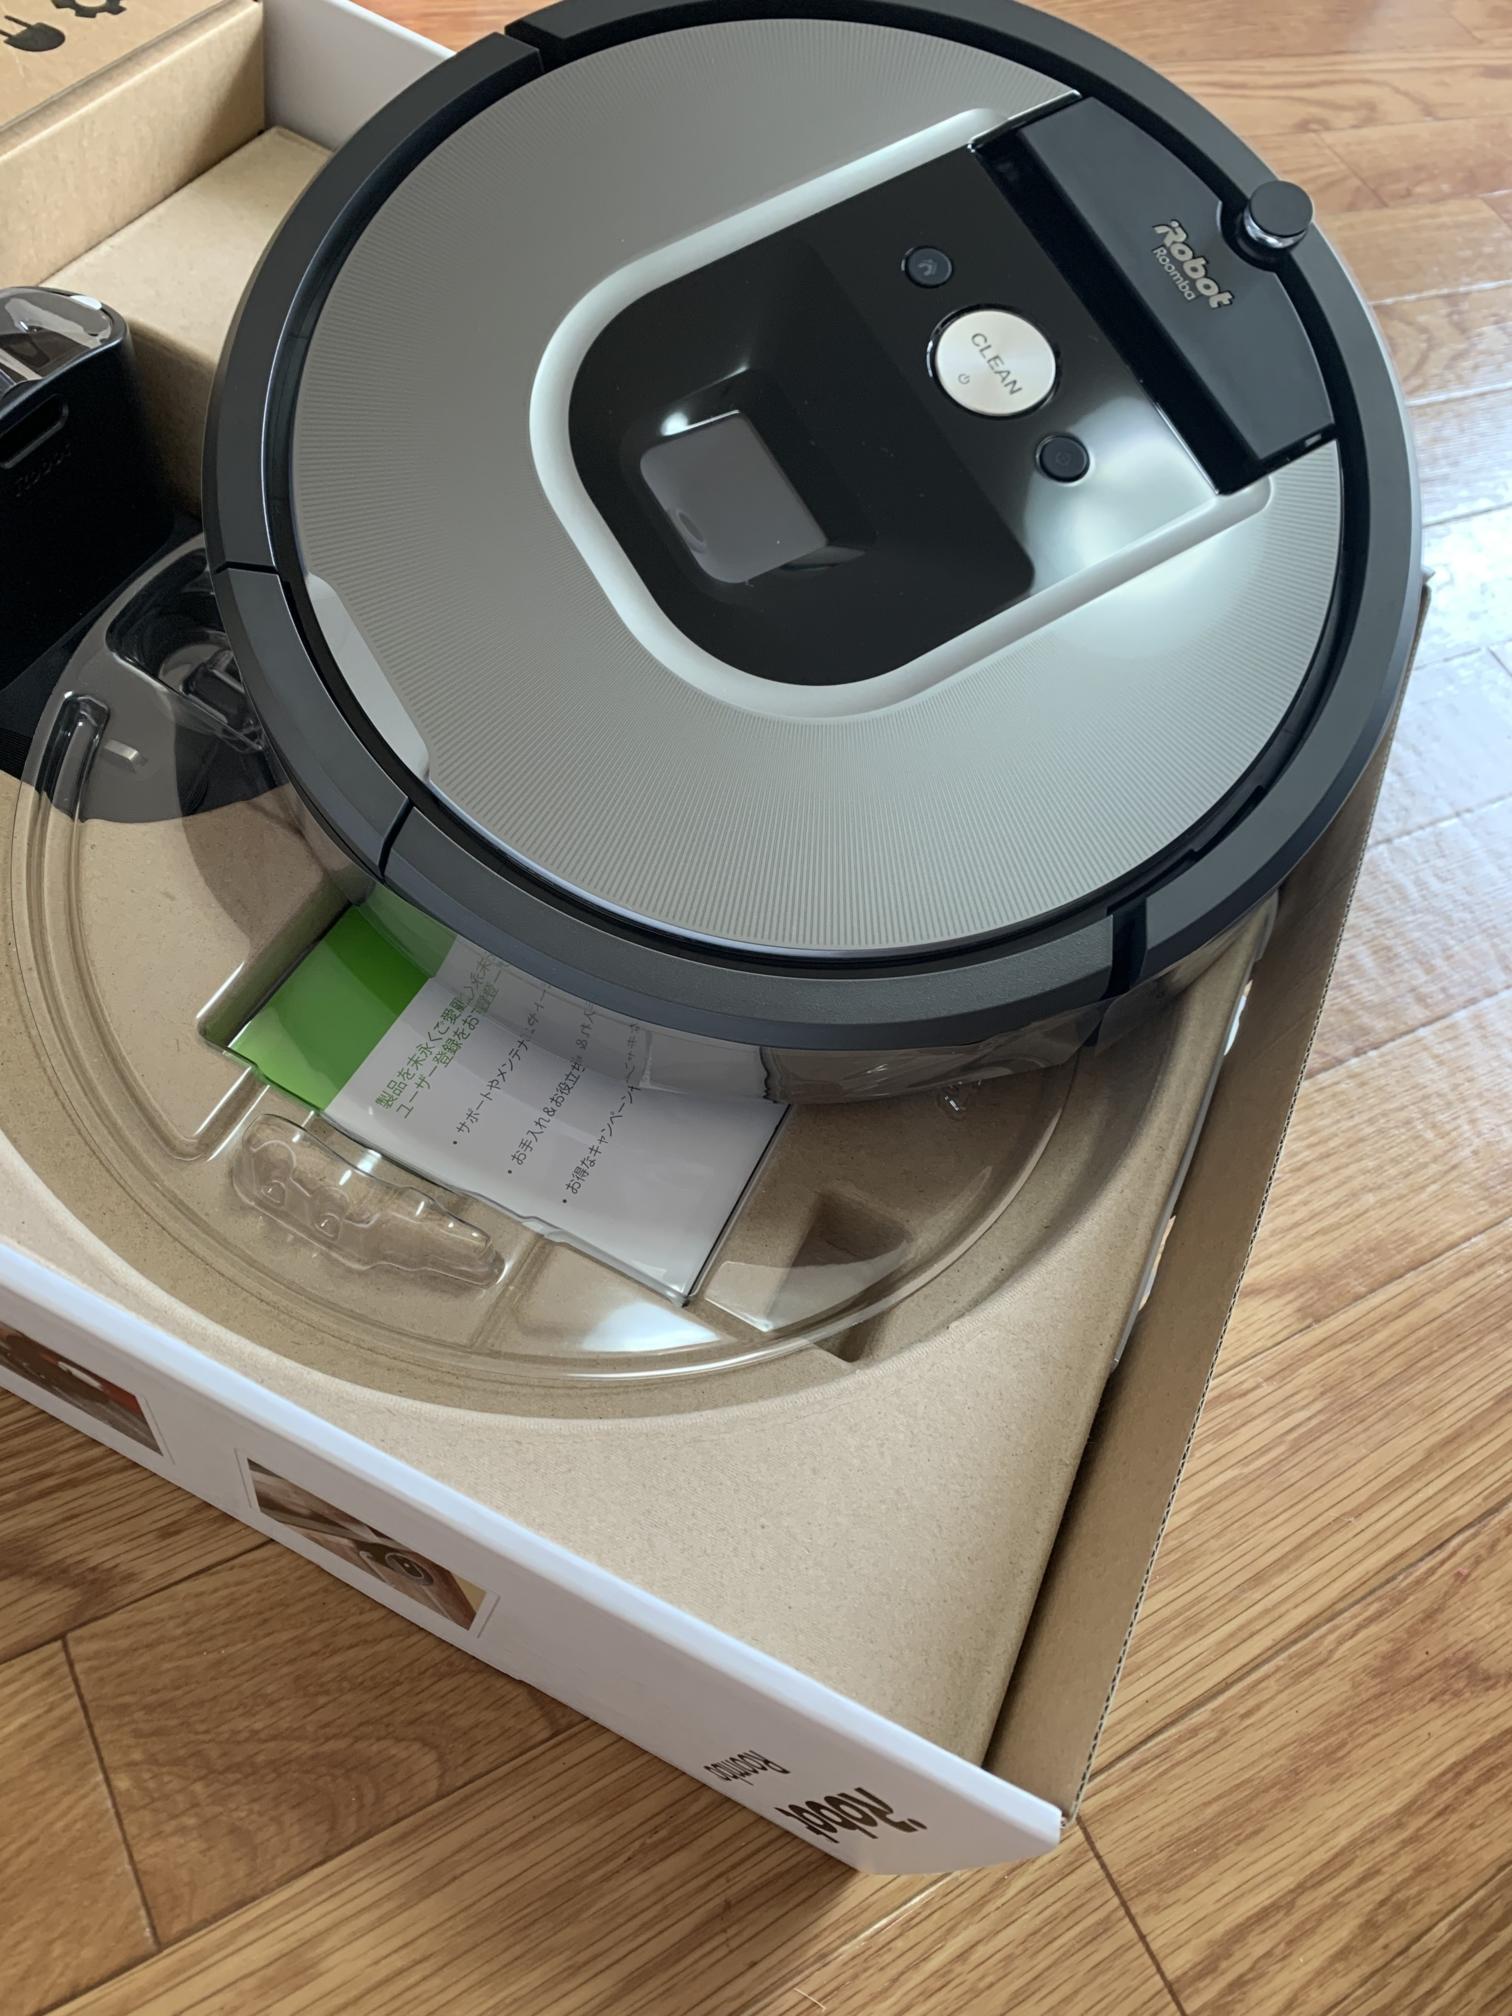 アイロボット掃除機 【ルンバ】960箱開封